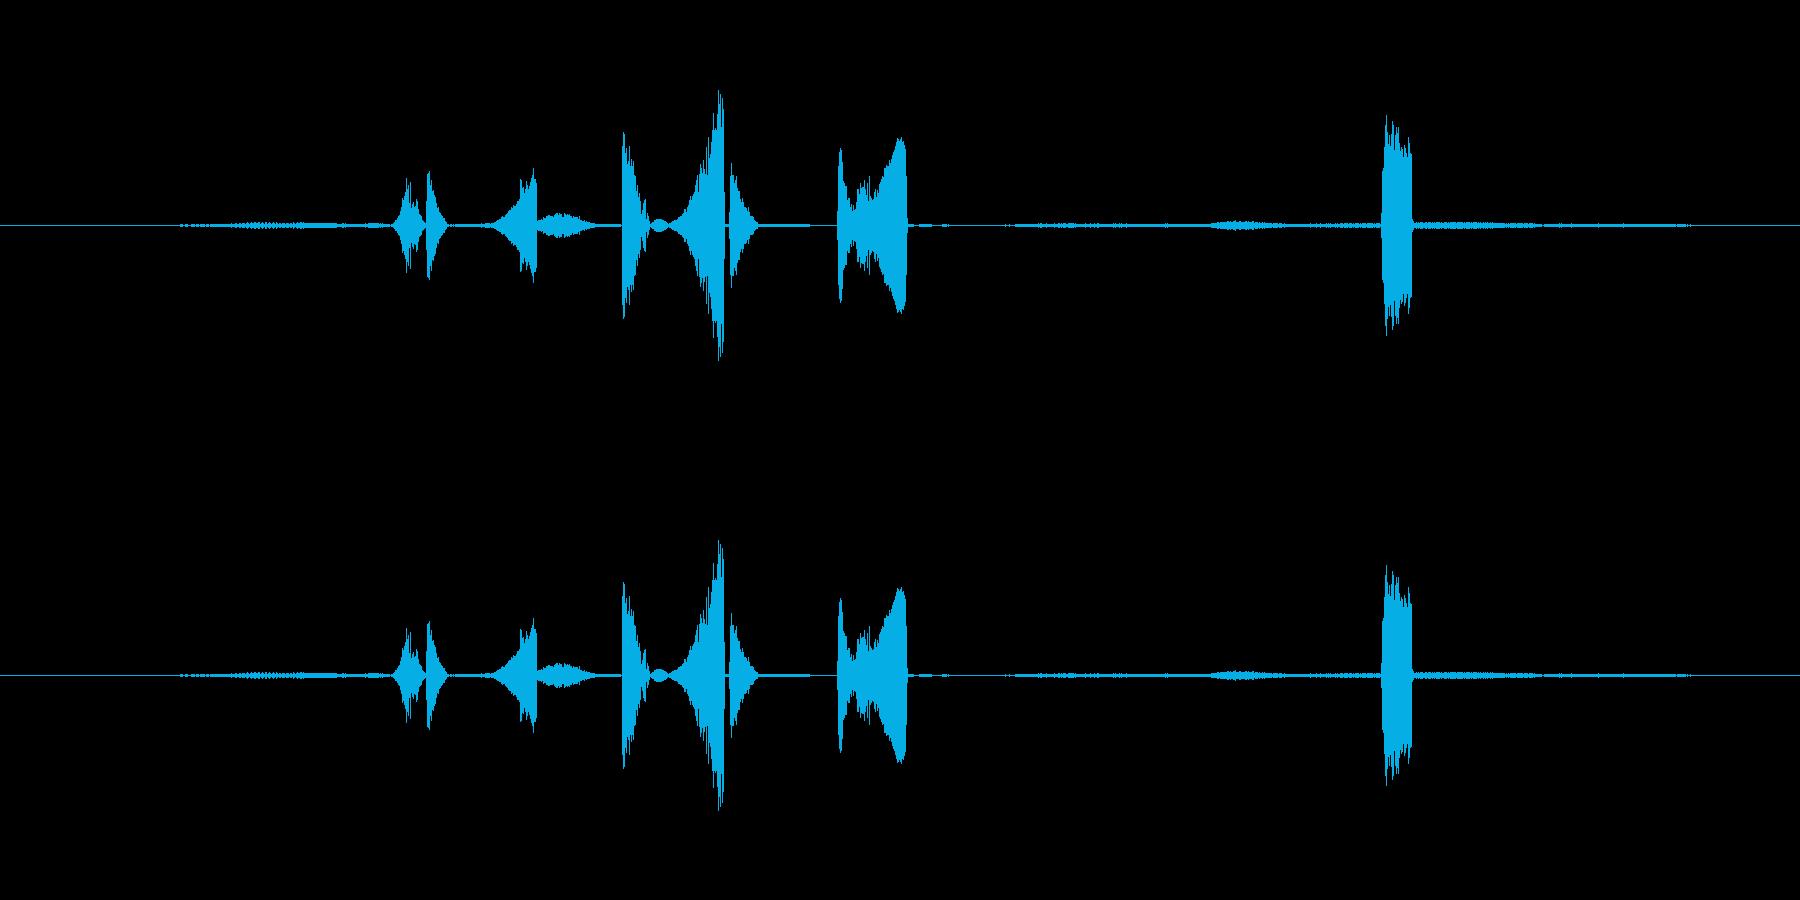 特撮 バブルを確認02の再生済みの波形